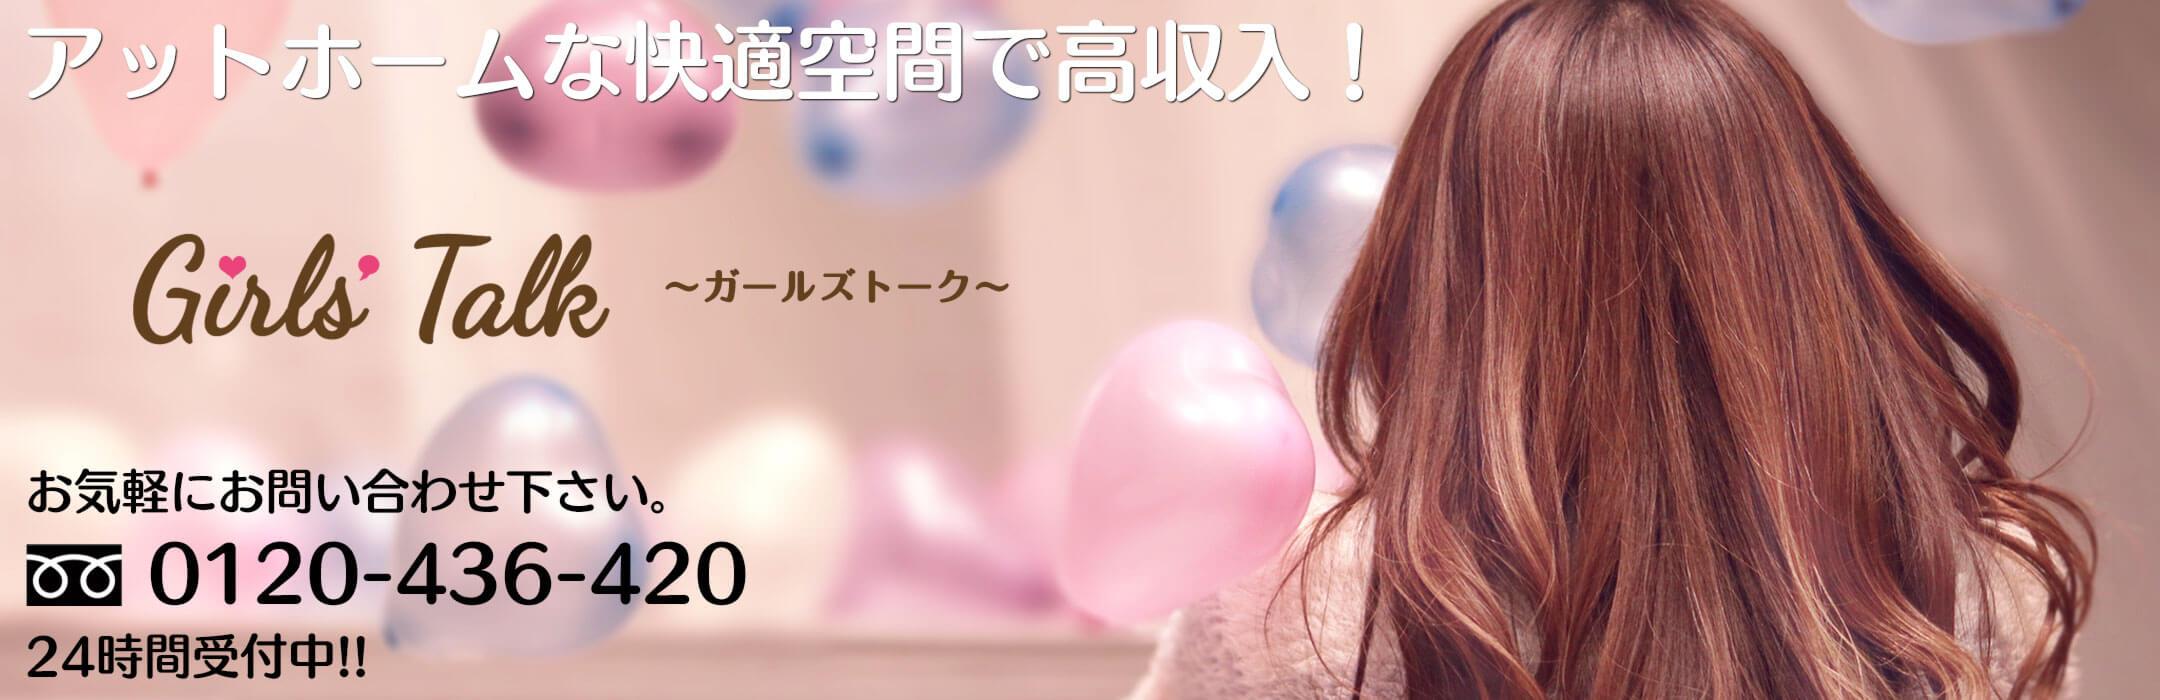 チャット 女の子募集 ガールズトーク秋田 高収入 アルバイト